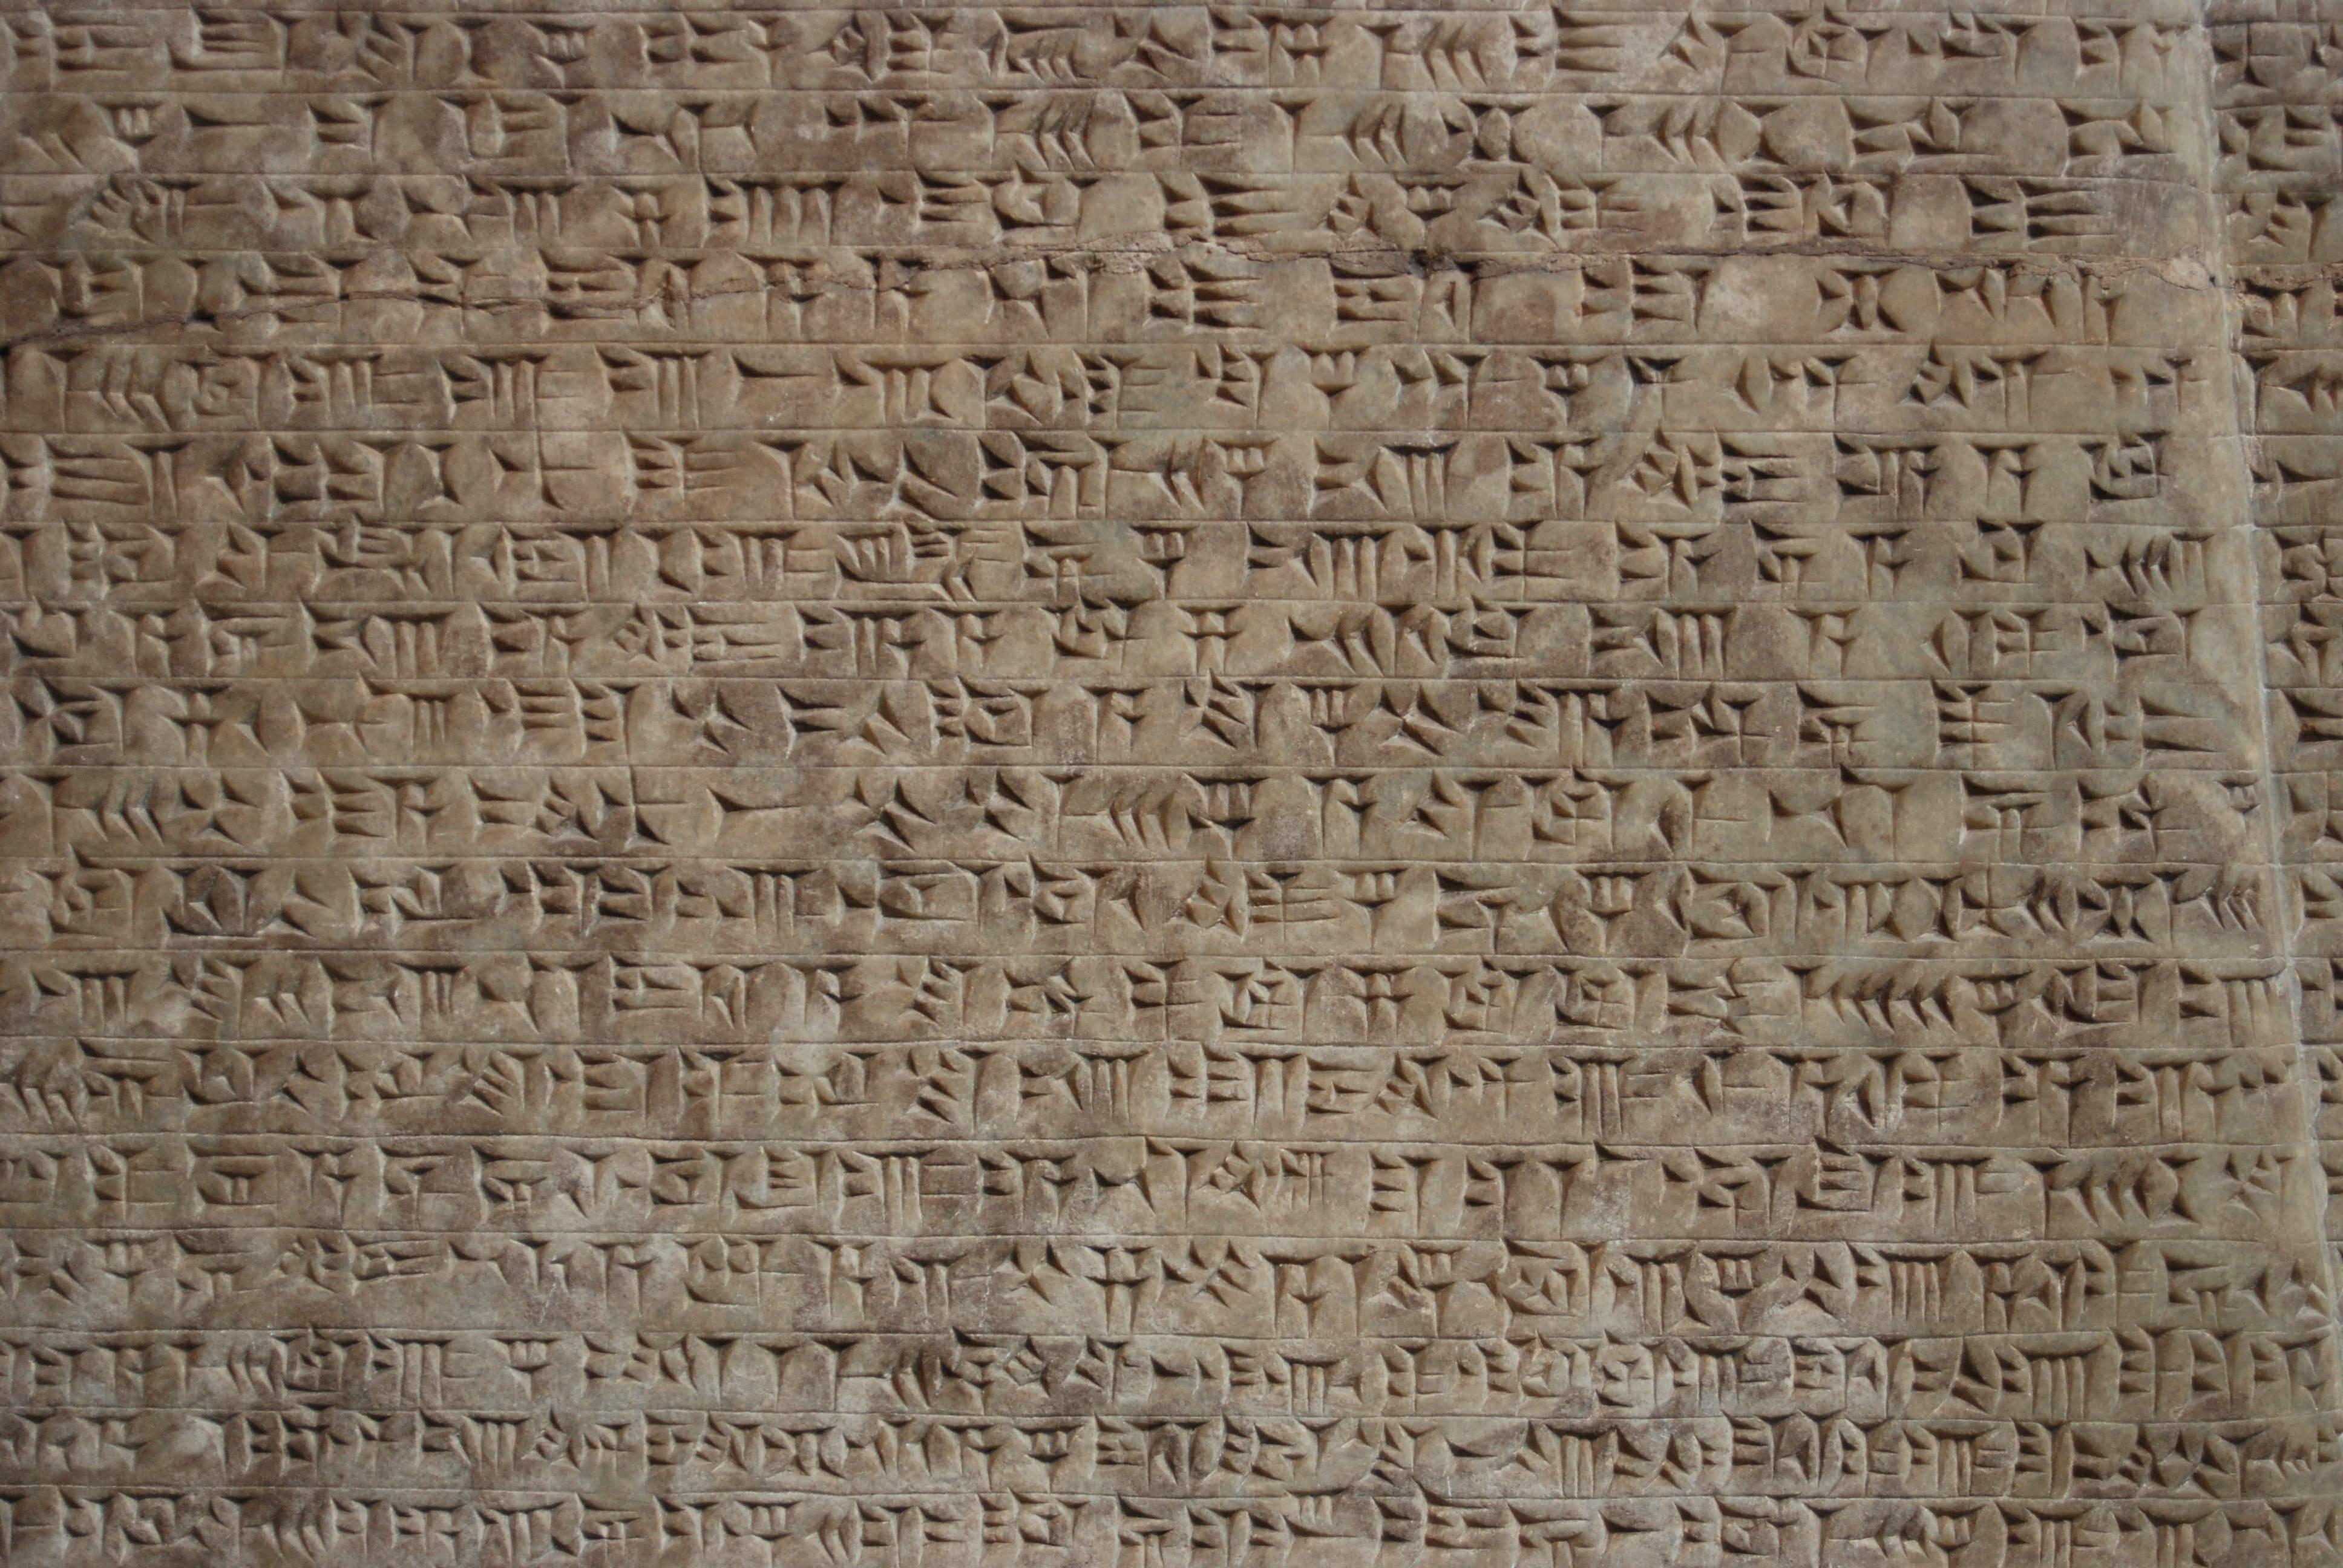 Writing - Ancient History Encyclopedia